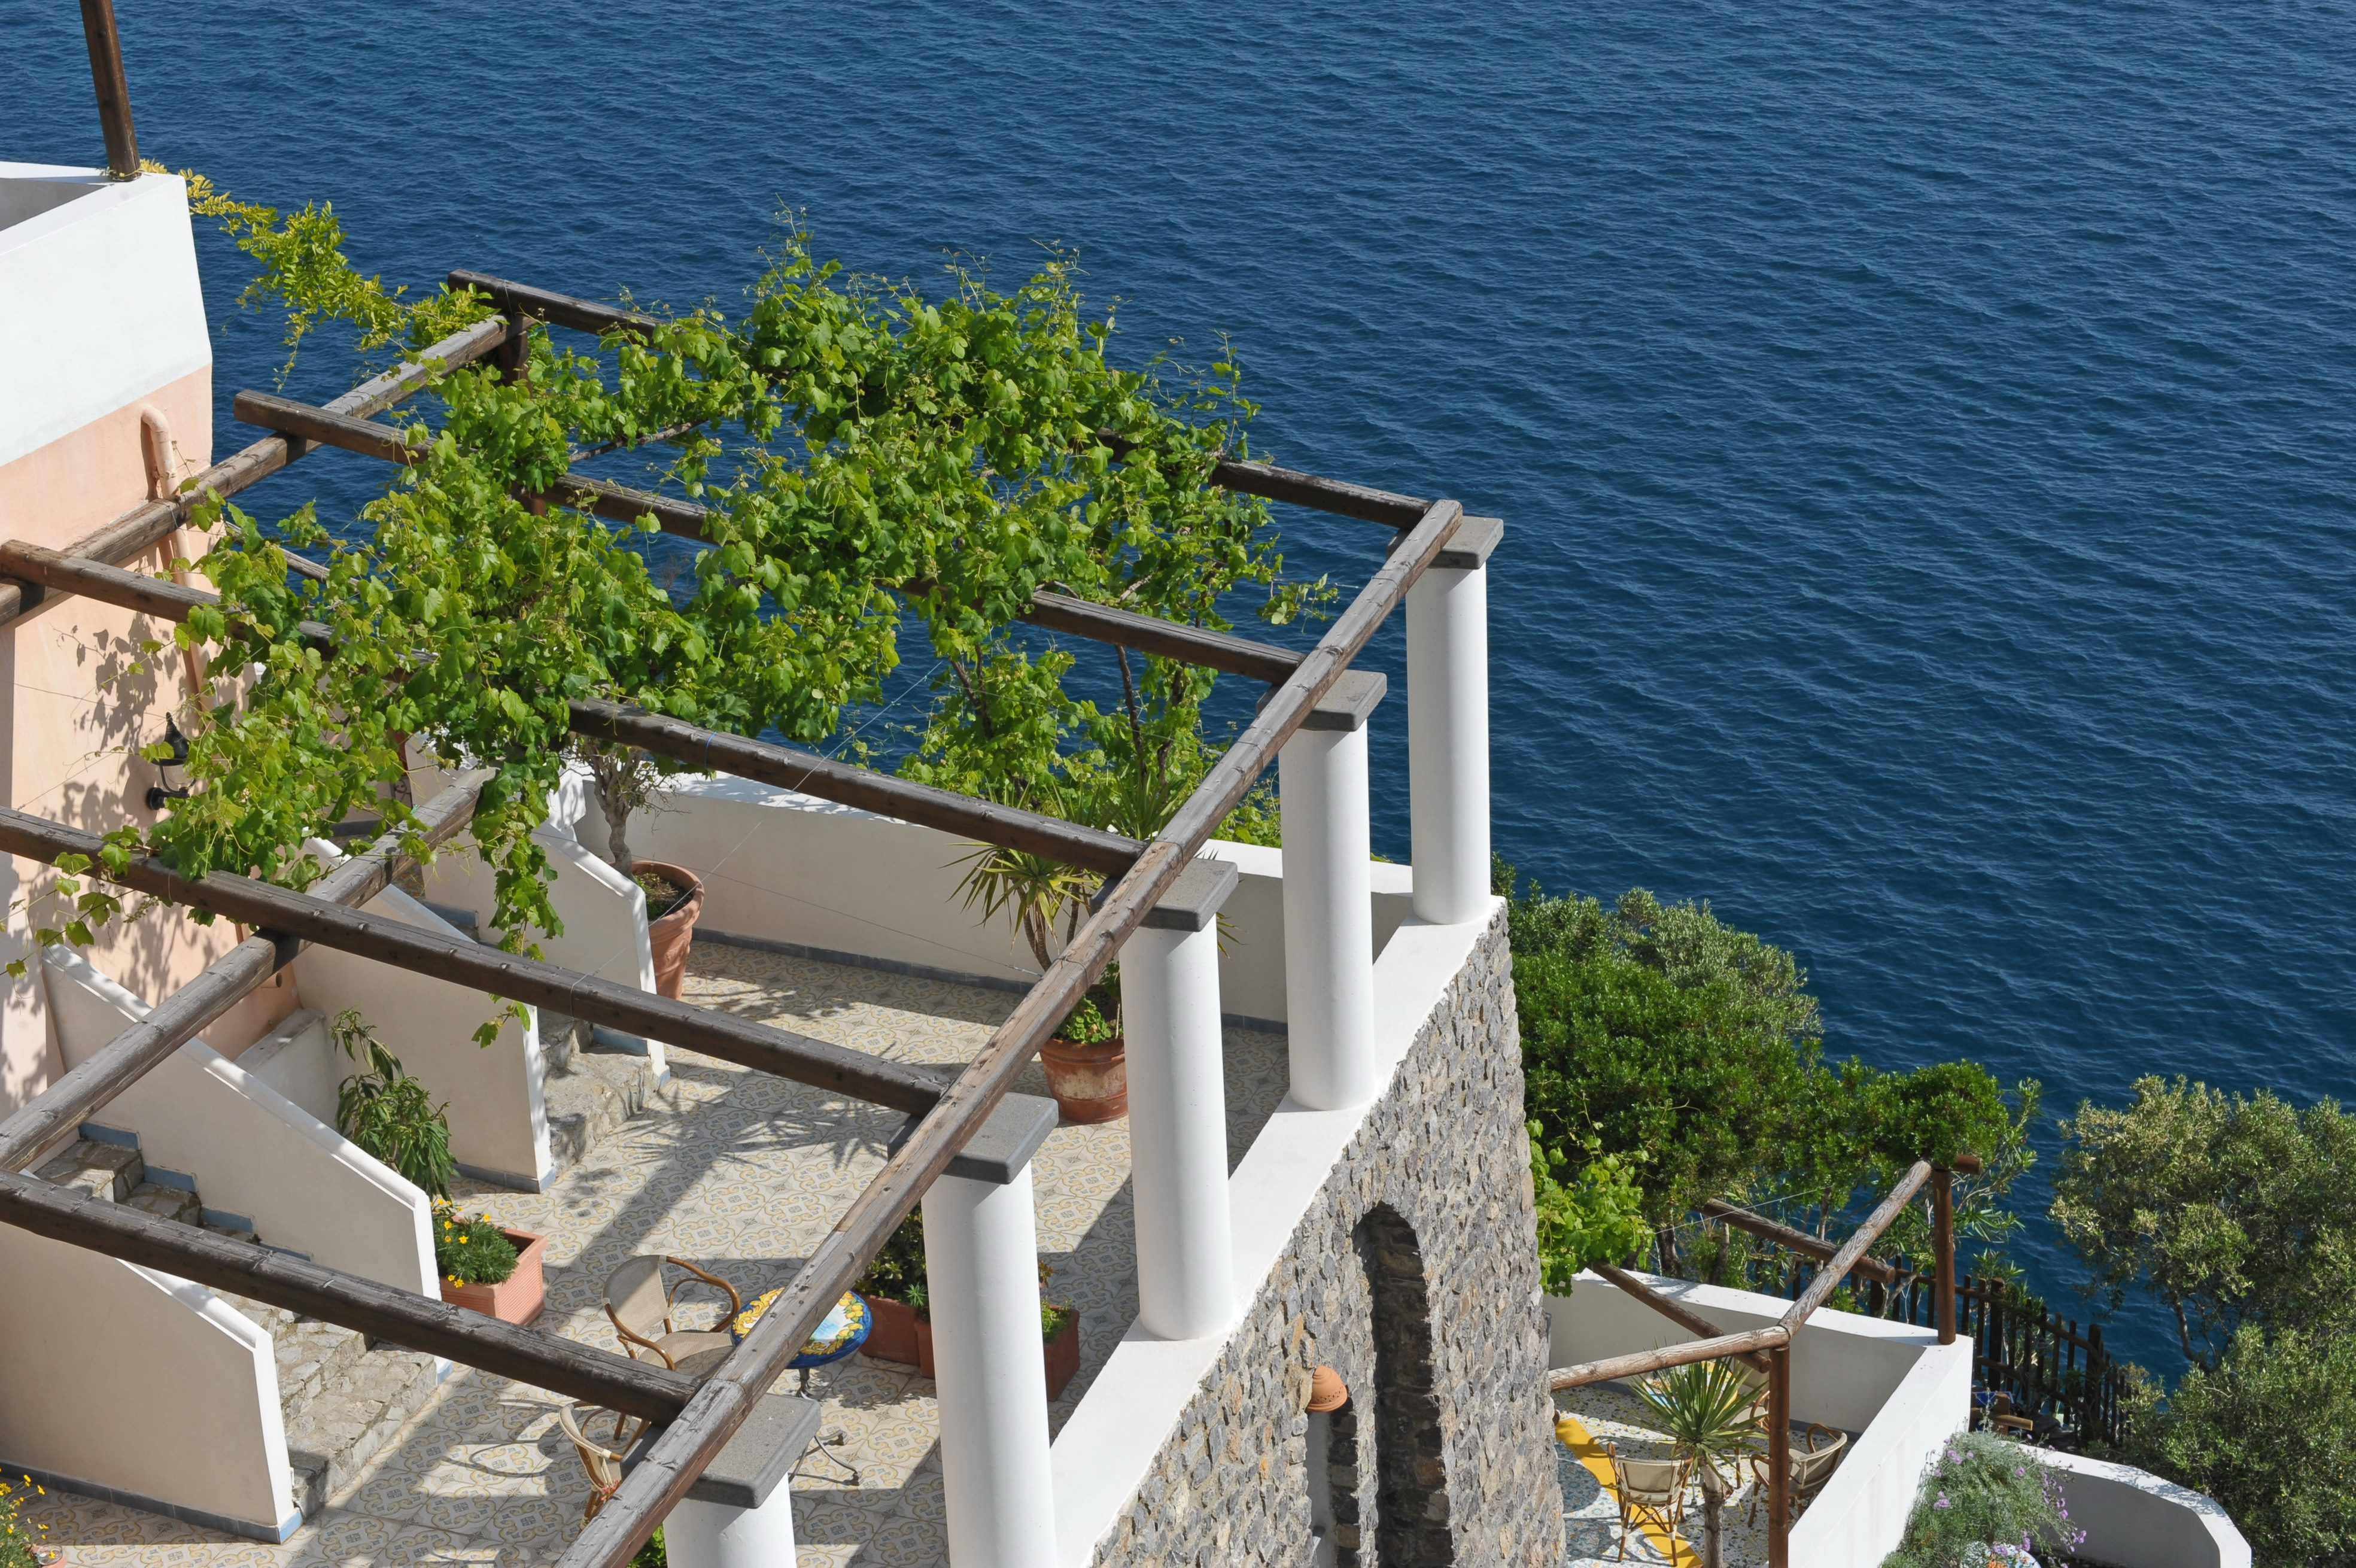 La locanda del fiordo hotel in costiera amalfitana a furore for Soggiorno costiera amalfitana